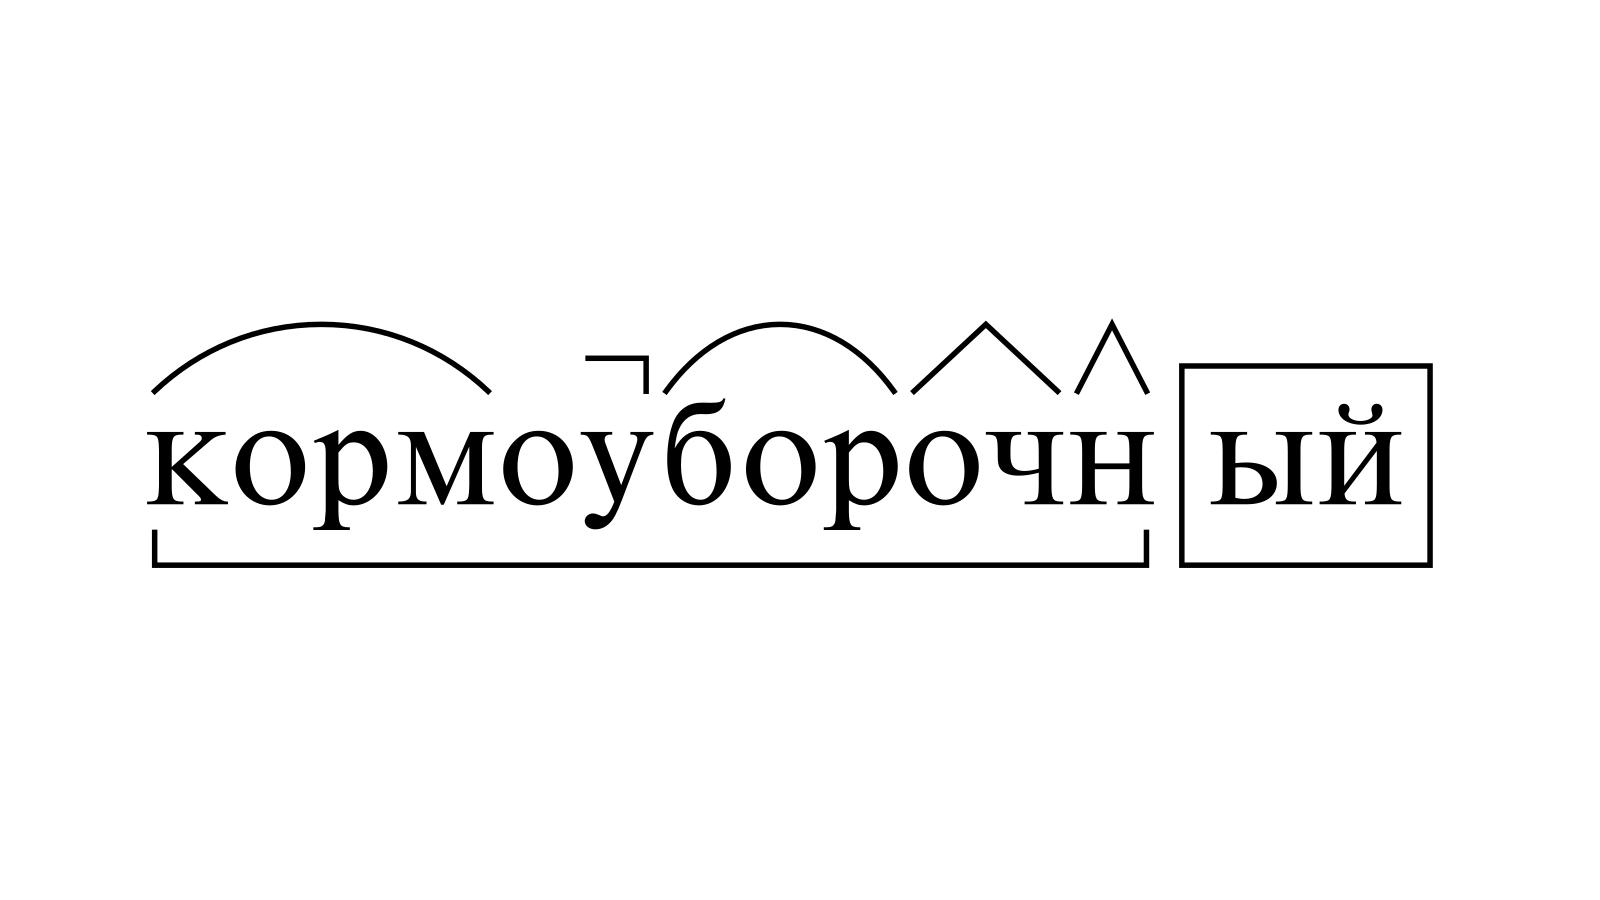 Разбор слова «кормоуборочный» по составу